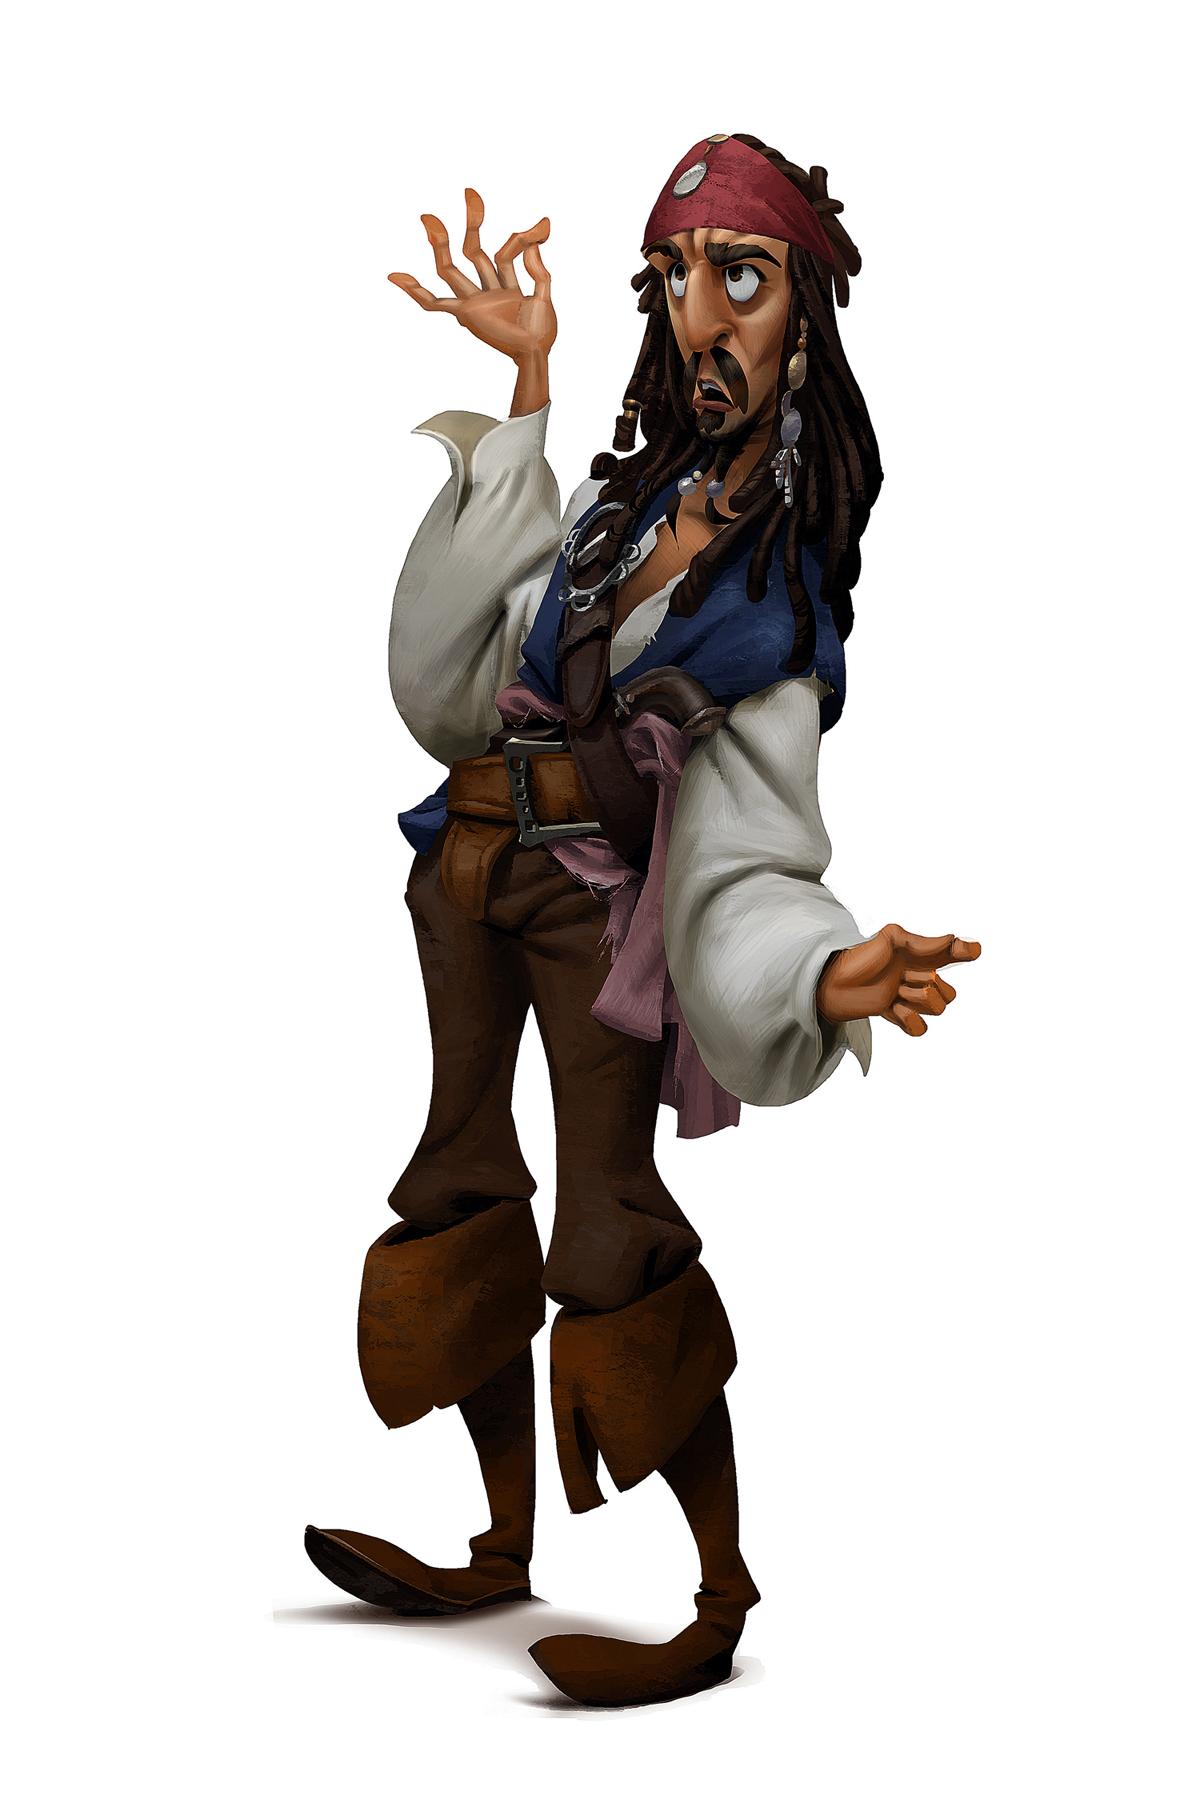 pirate graphic design 12